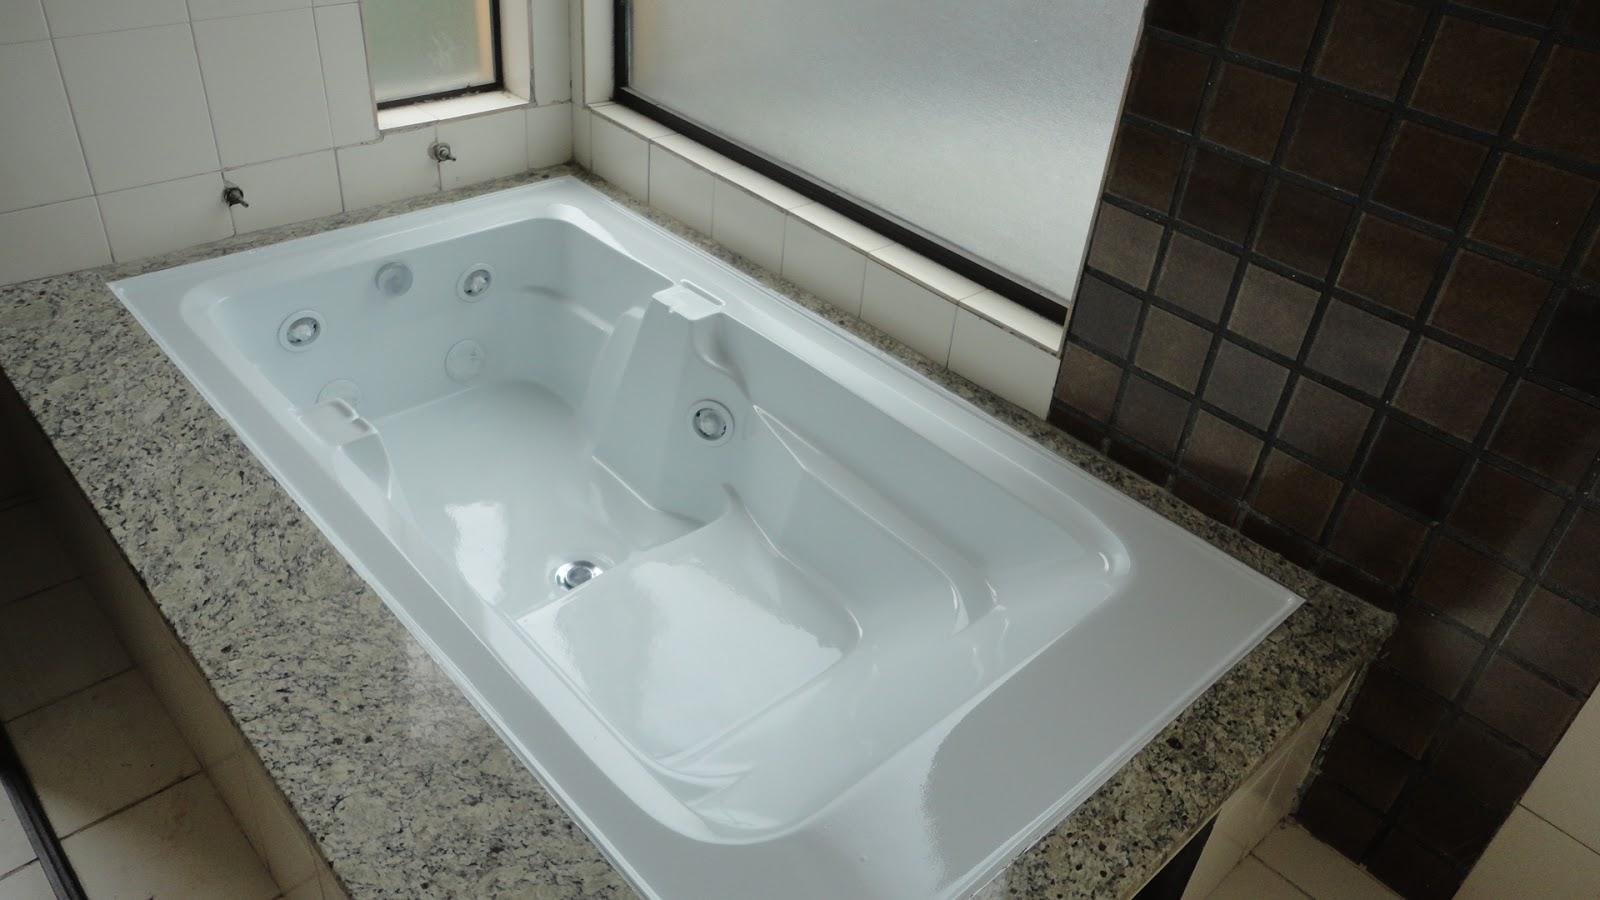 #796B52  Fibra Comércio de Fibra ltda: pintura de banheiras de fibra de vidro 1600x900 px Banheiro Fibra De Vidro 3151